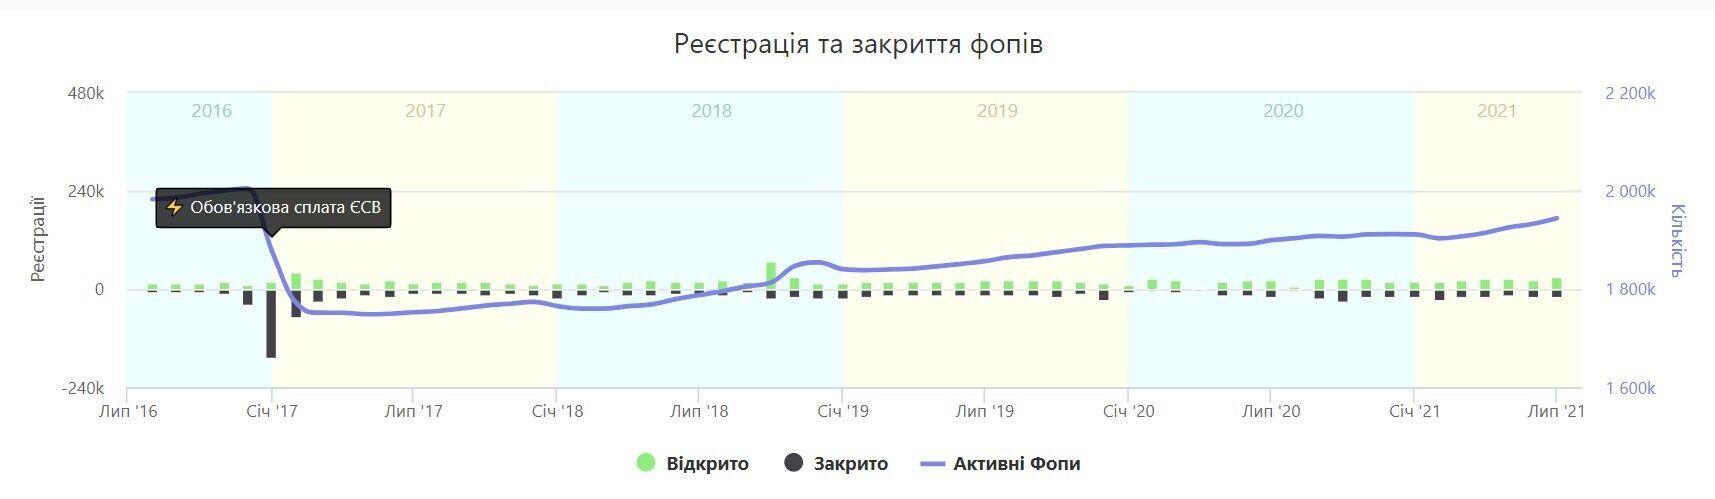 Скільки в Україні ФОПів